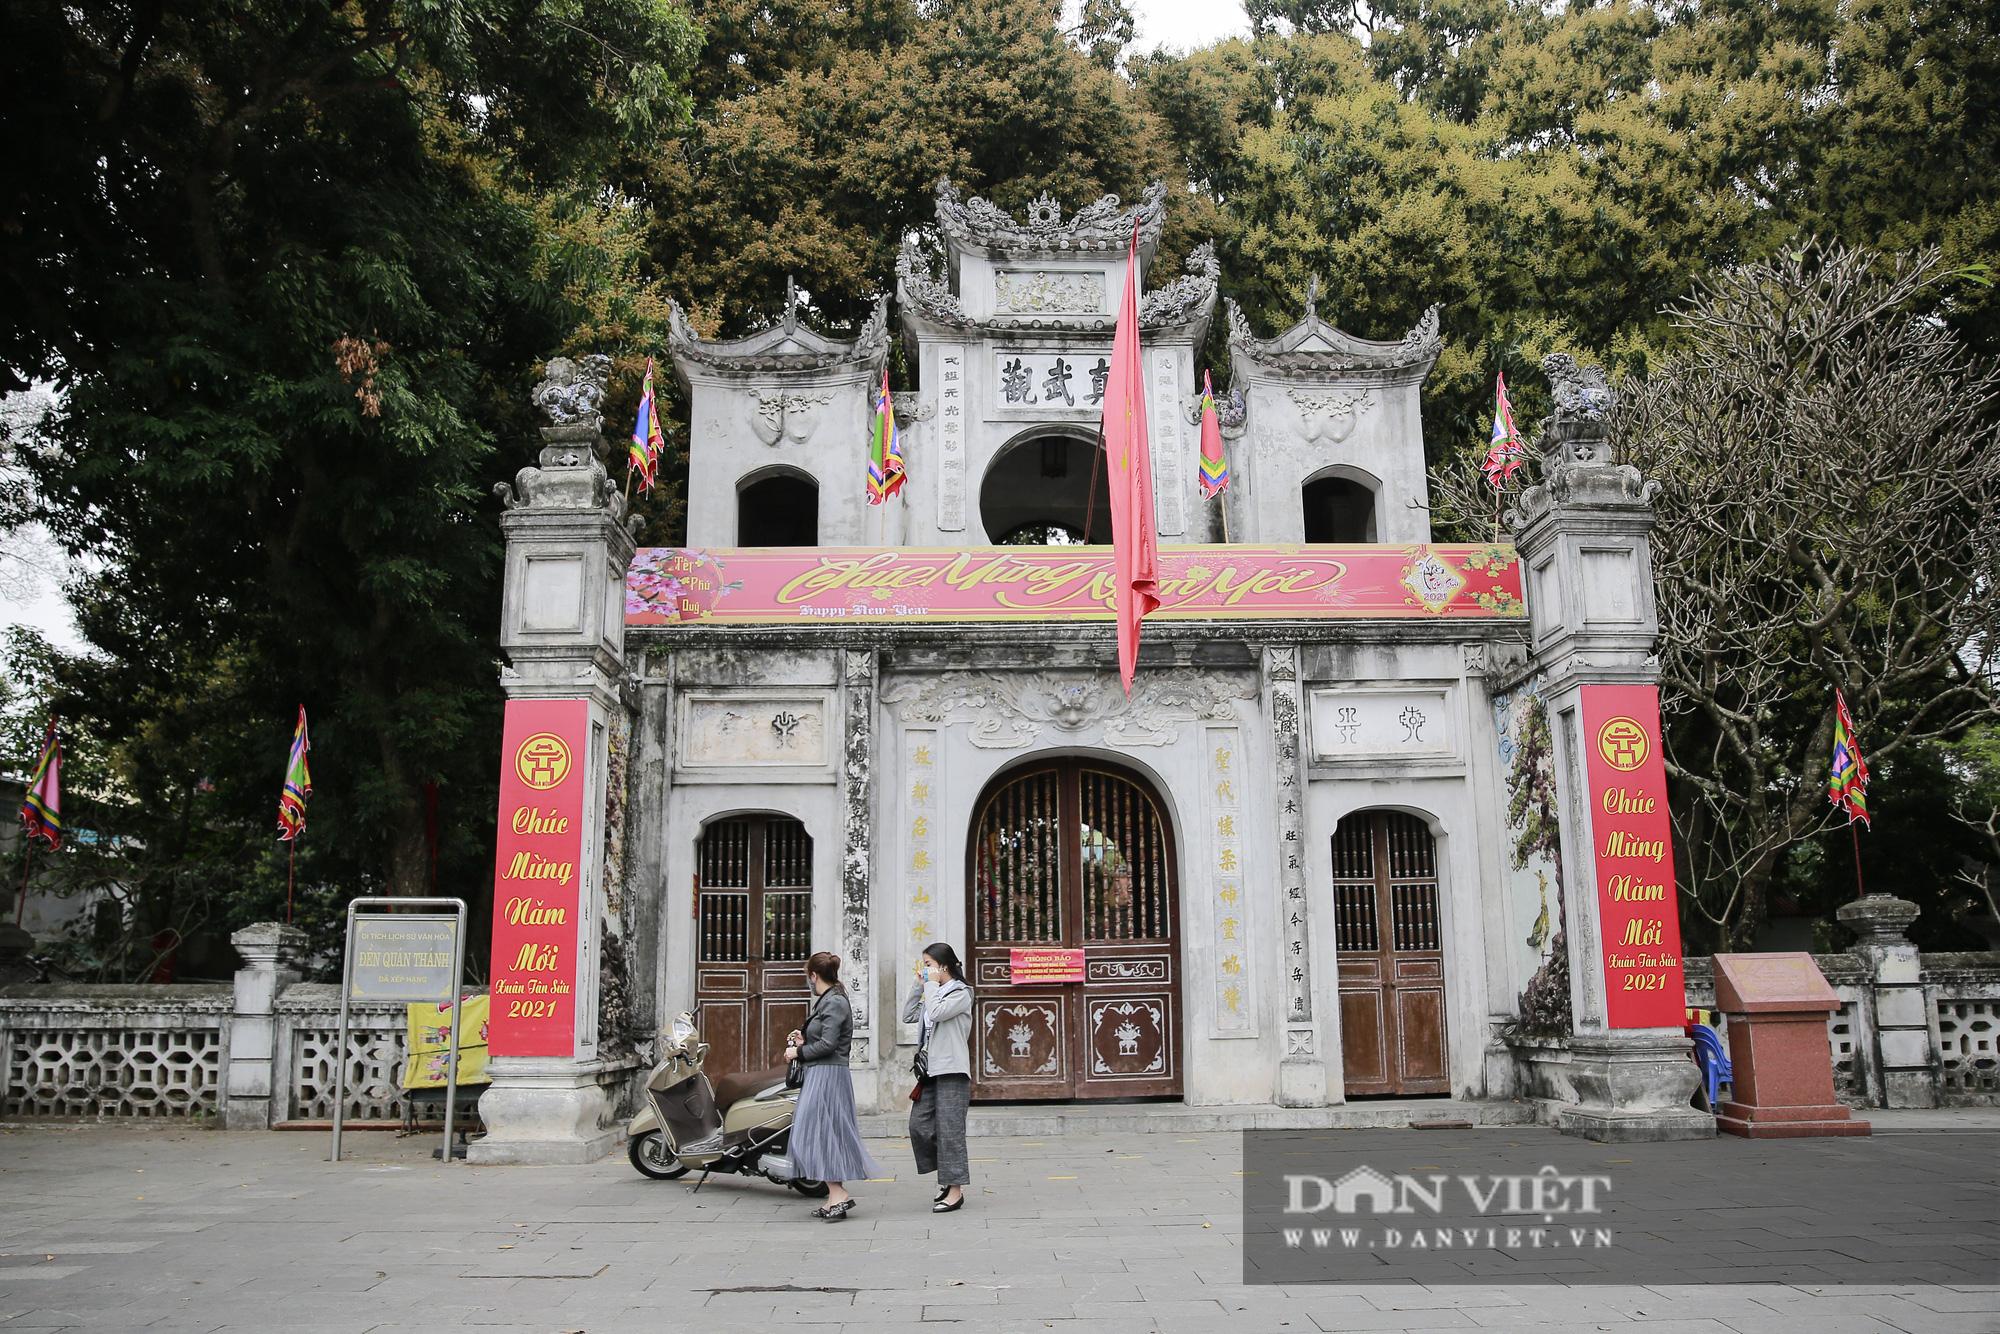 Công an gác cổng, người dân lập bàn vái vọng trước đền chùa ngày Rằm tháng Giêng - Ảnh 13.